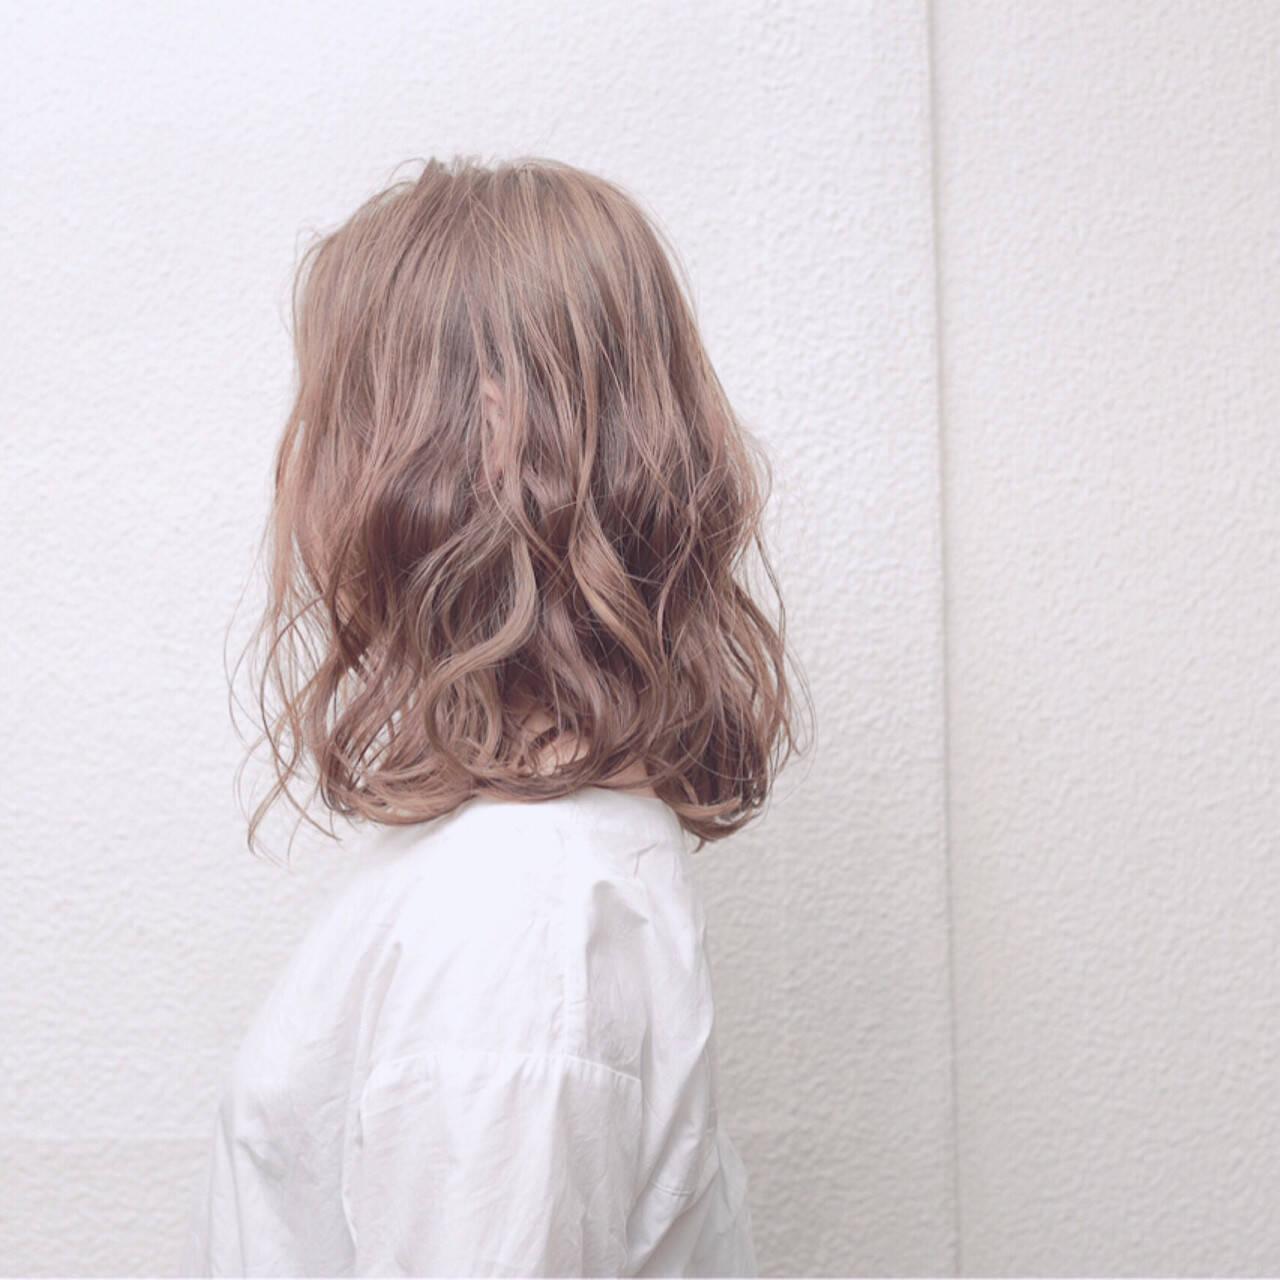 ゆるふわ 大人かわいい ミディアム アッシュヘアスタイルや髪型の写真・画像